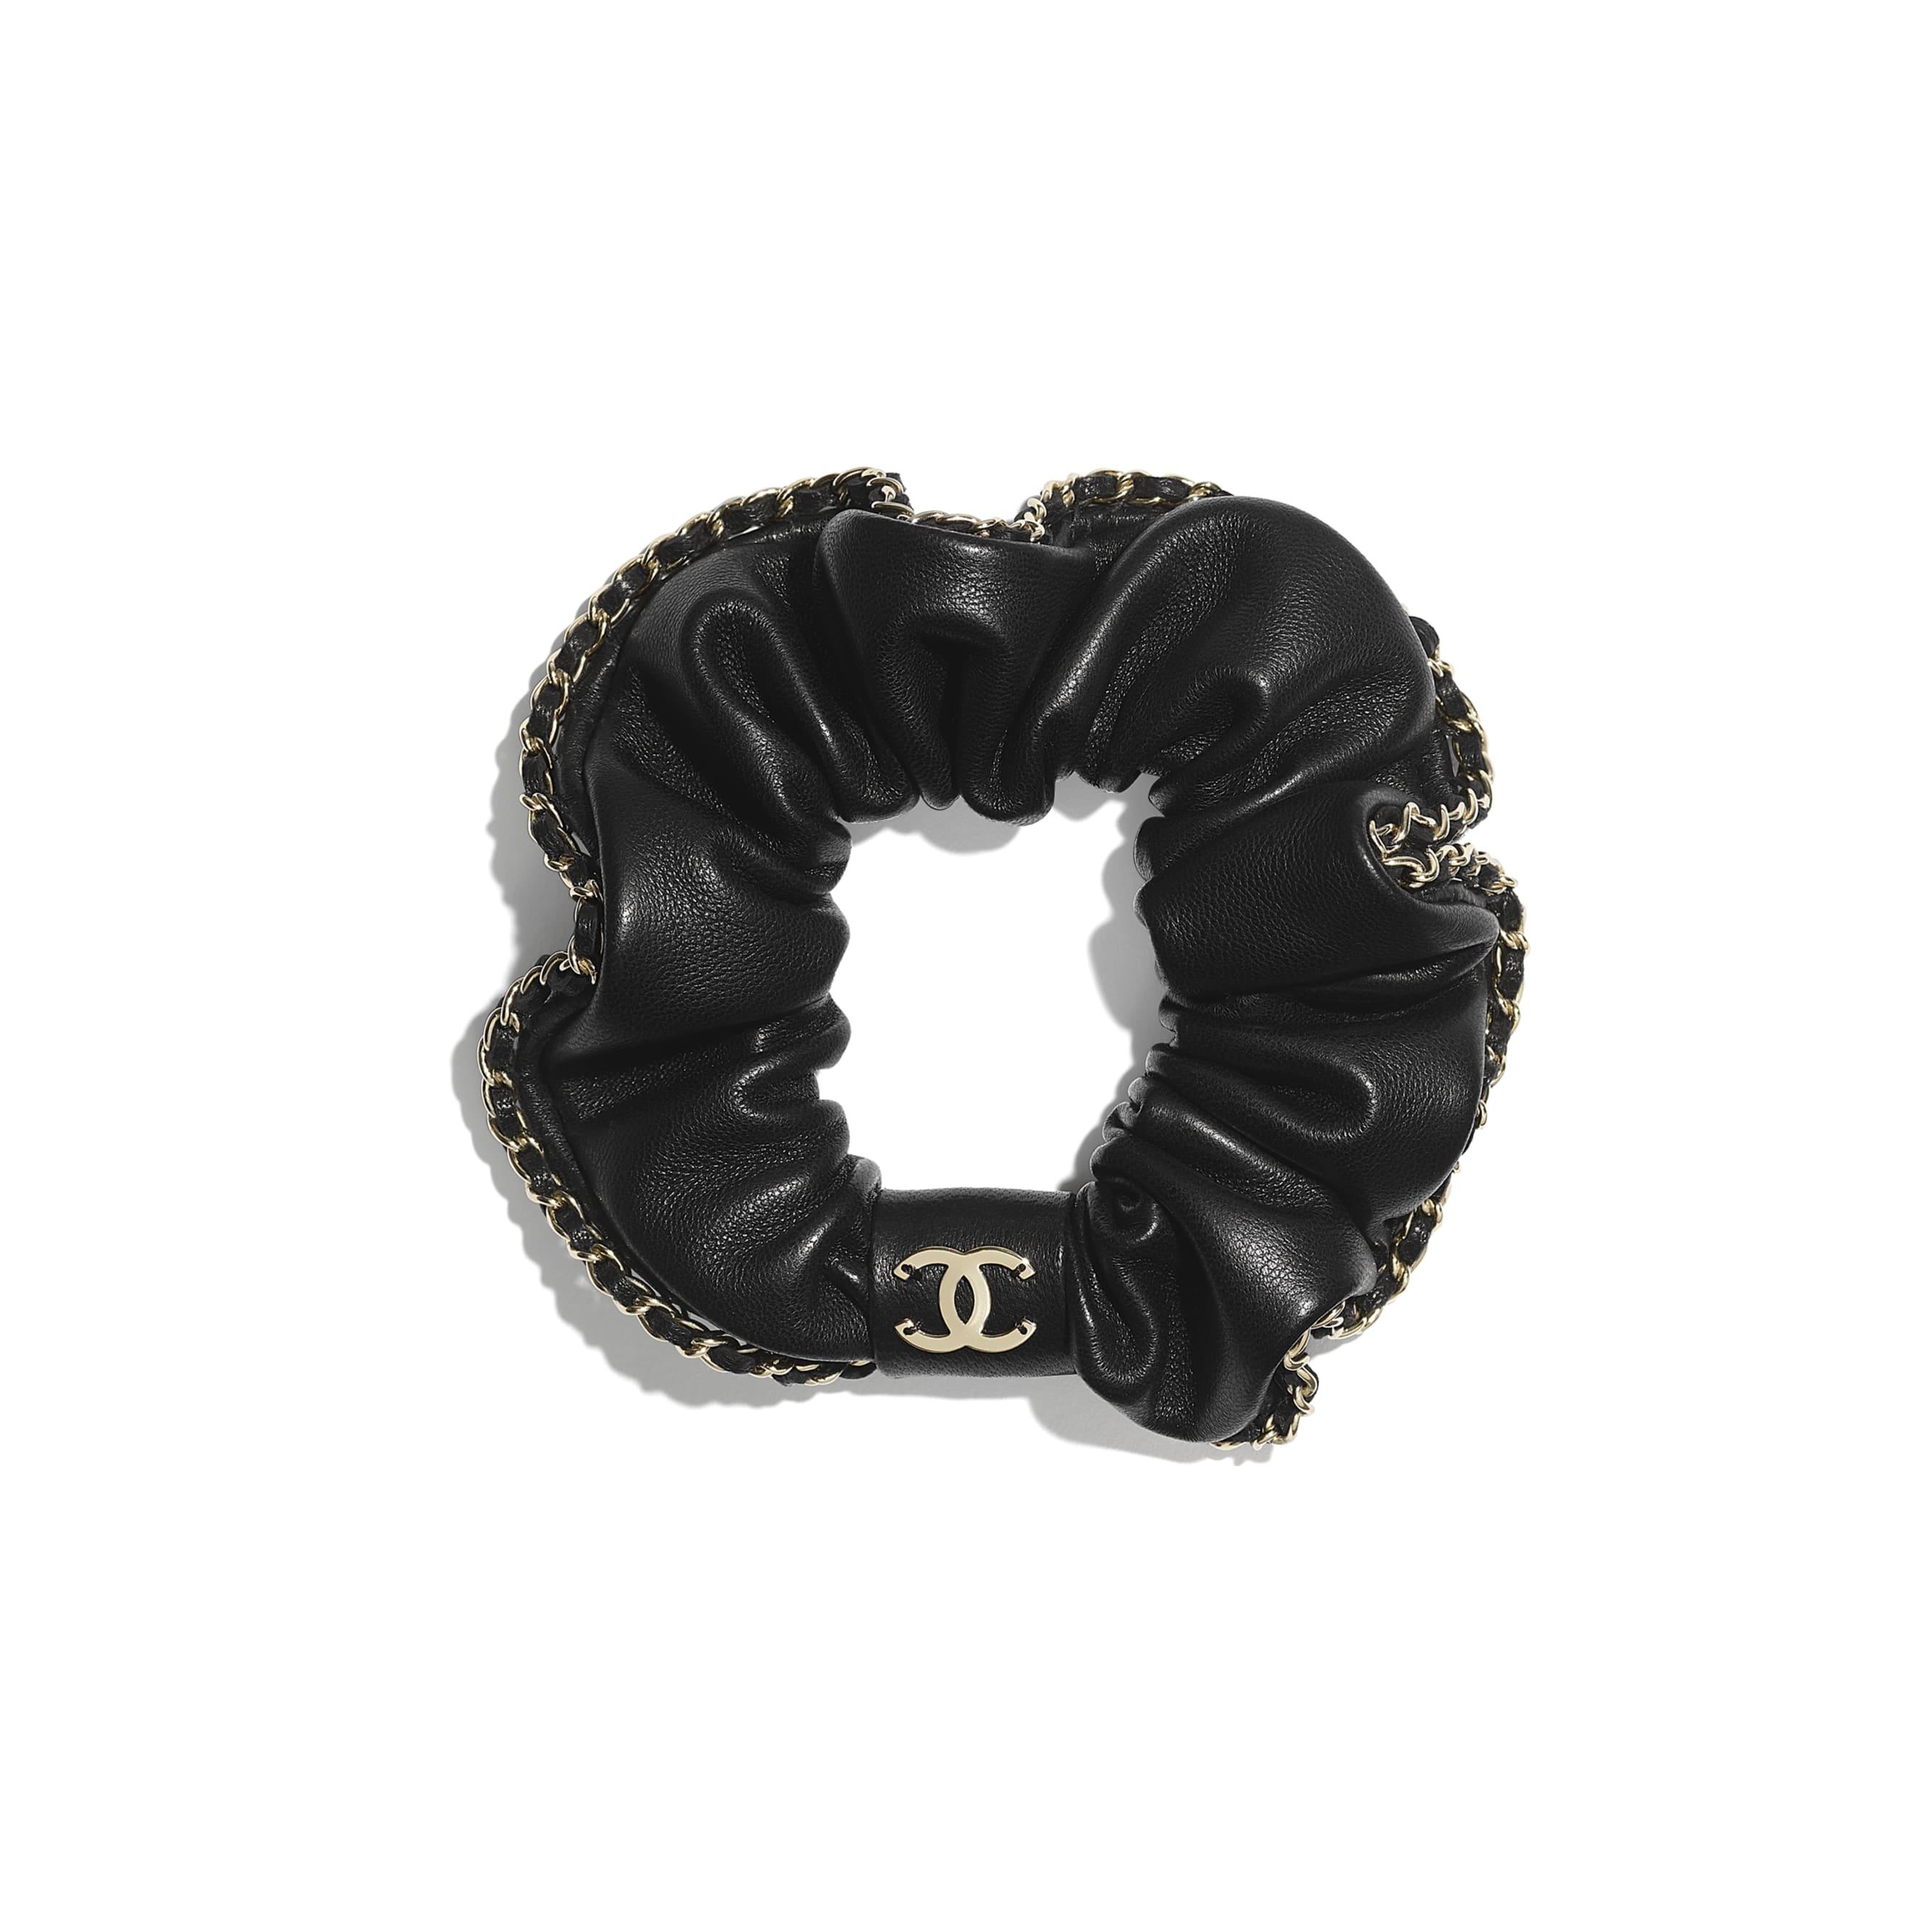 Украшение для волос - Черный - Кожа ягненка и золотистый металл - CHANEL - Вид по умолчанию - посмотреть изображение стандартного размера